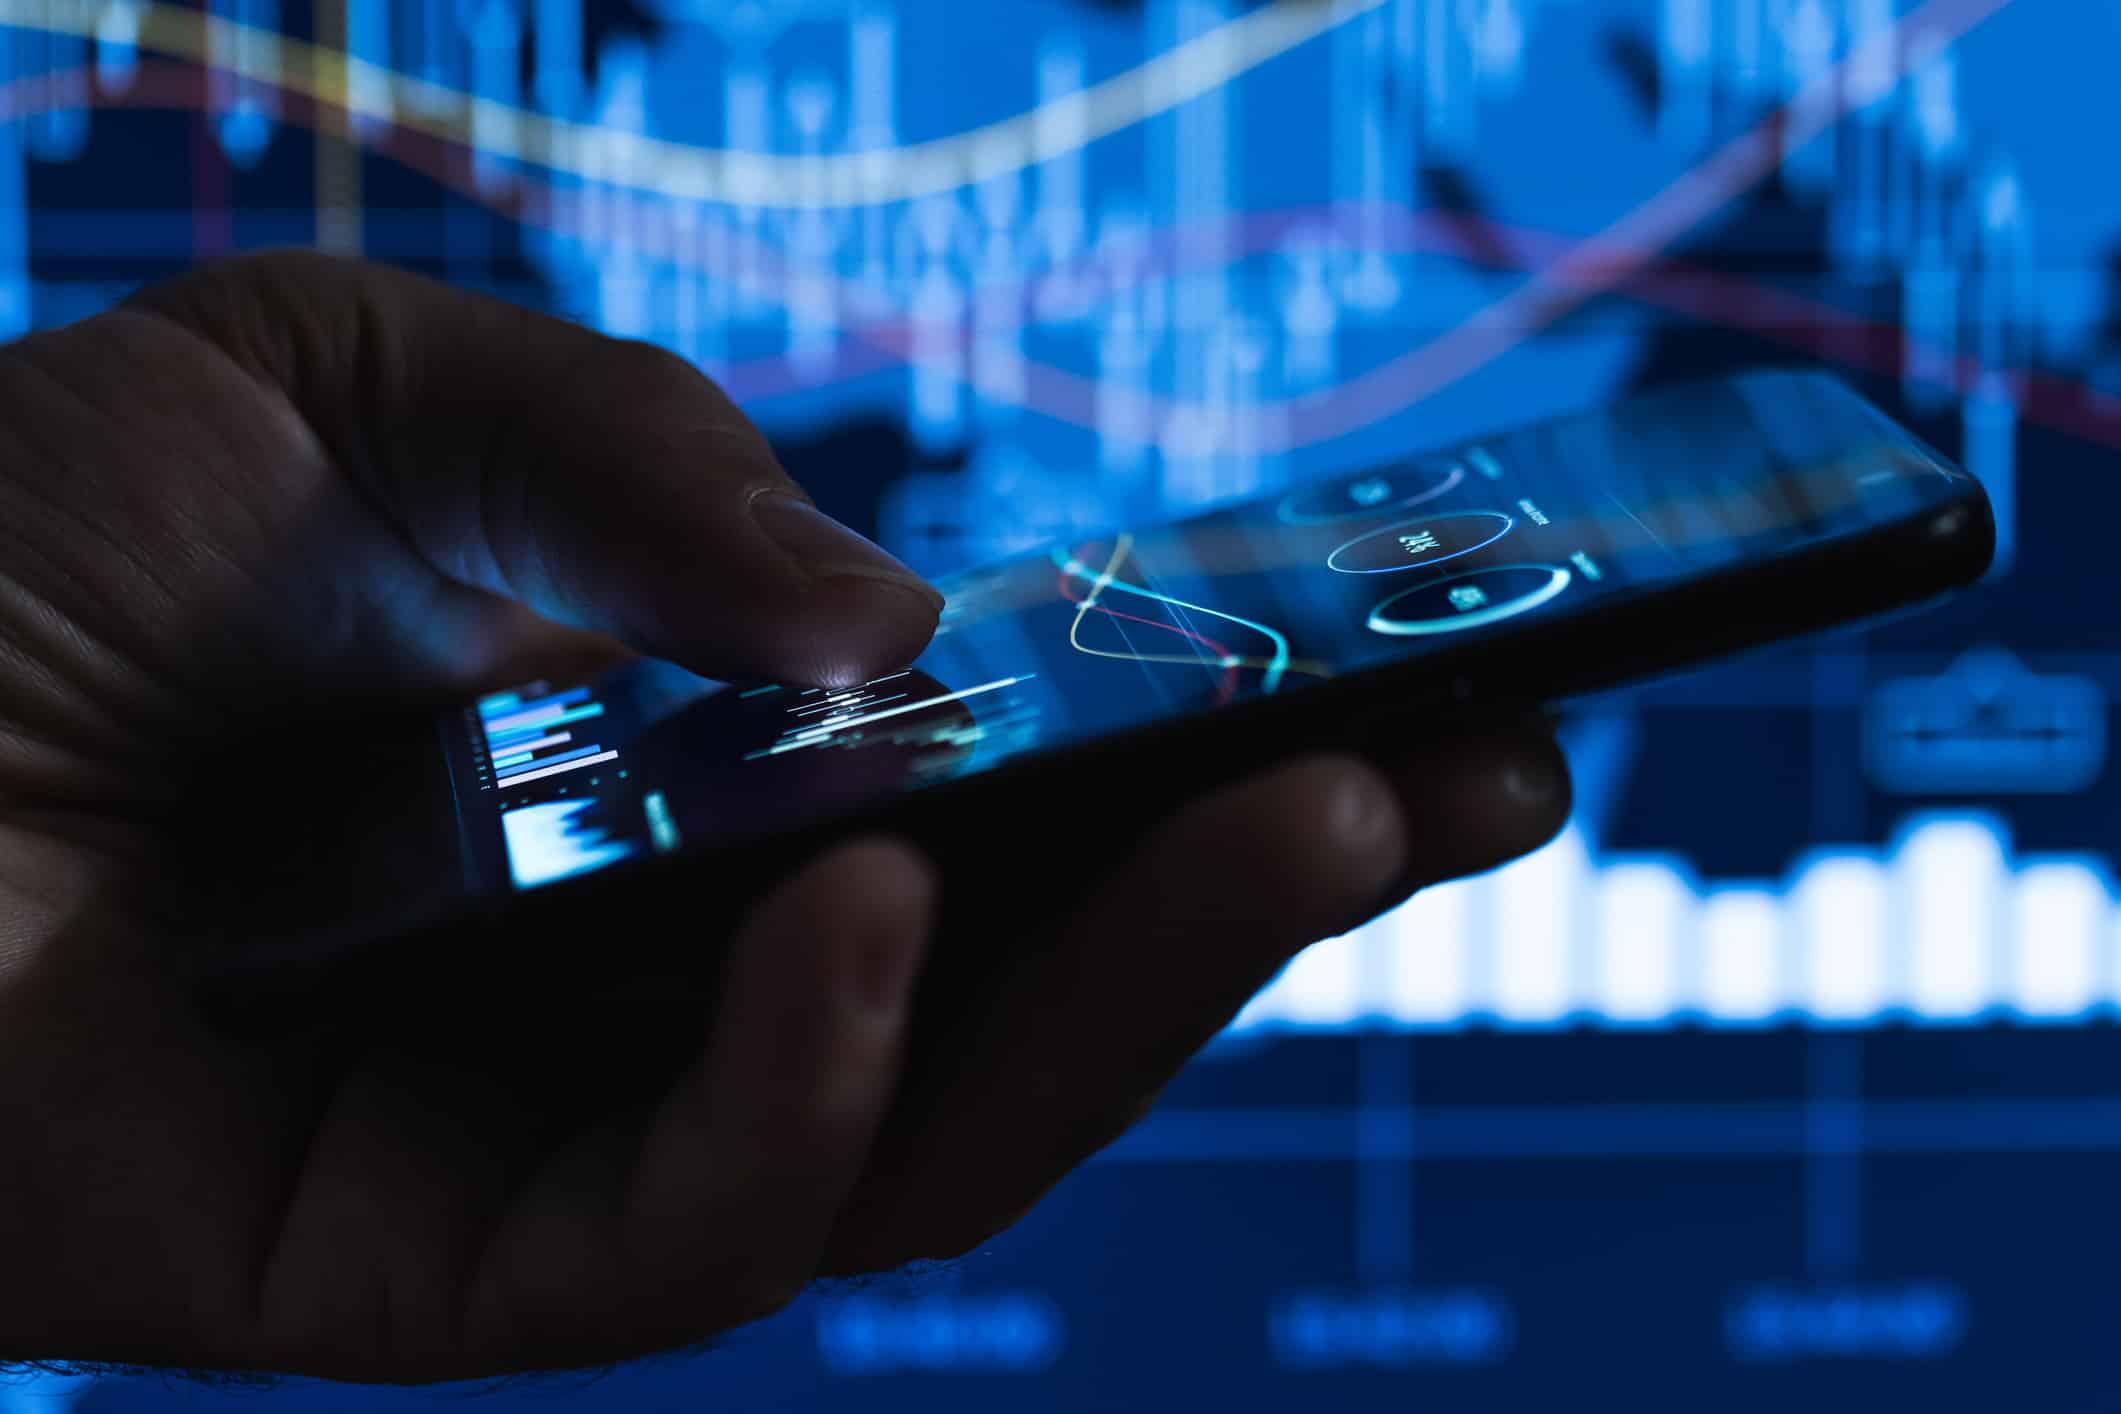 Criptomedas prometerem novas formas de negócios